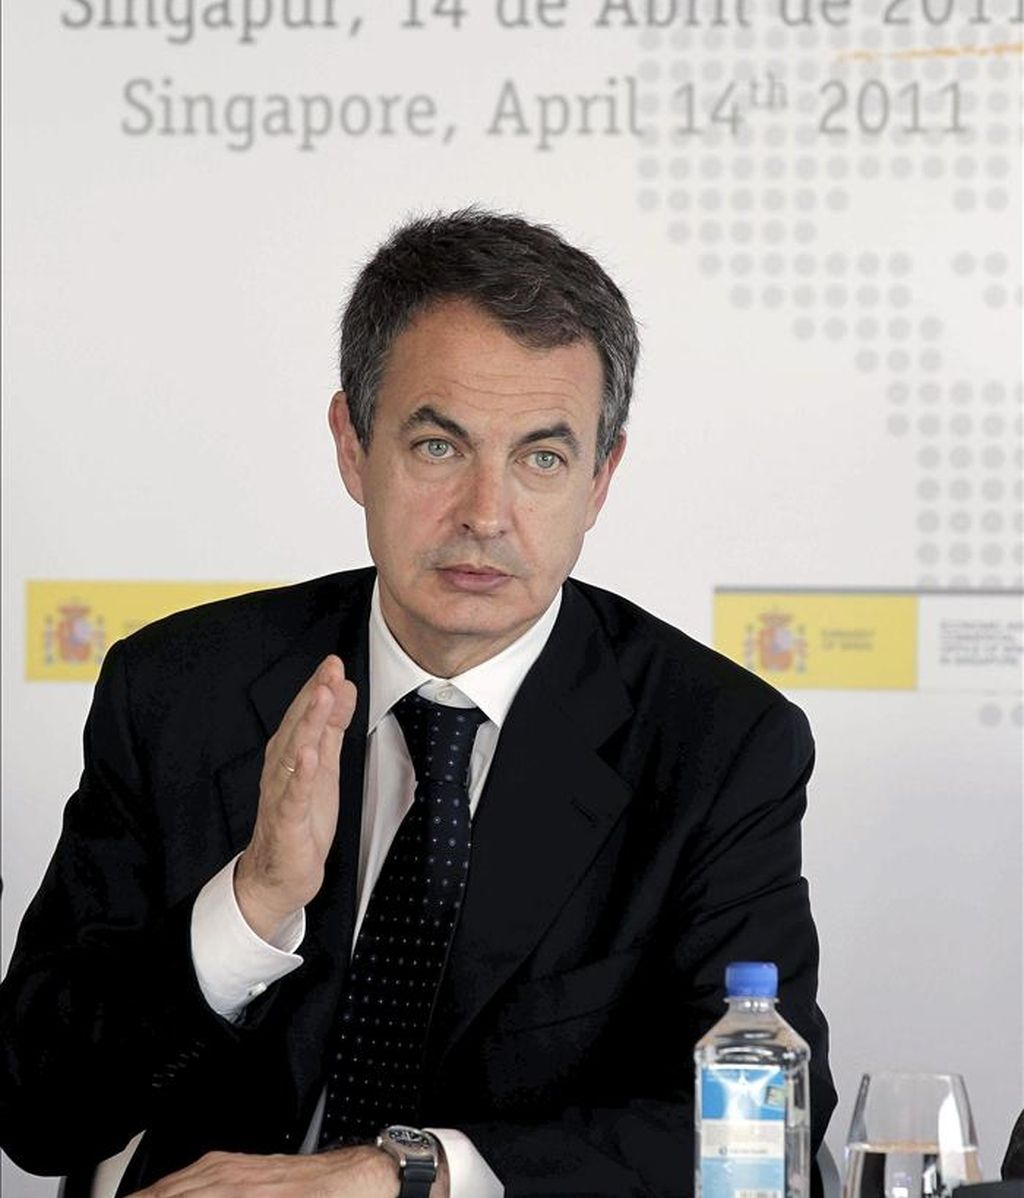 El presidente del Gobierno, José Luis Rodríguez Zapatero, durante la reunión que mantuvo hoy en Singapur, acompañado por el ministro de Industria, Miguel Sebastián, con los principales bancos y fondos de inversión del país antes de viajar a la isla china de Hainan. EFE